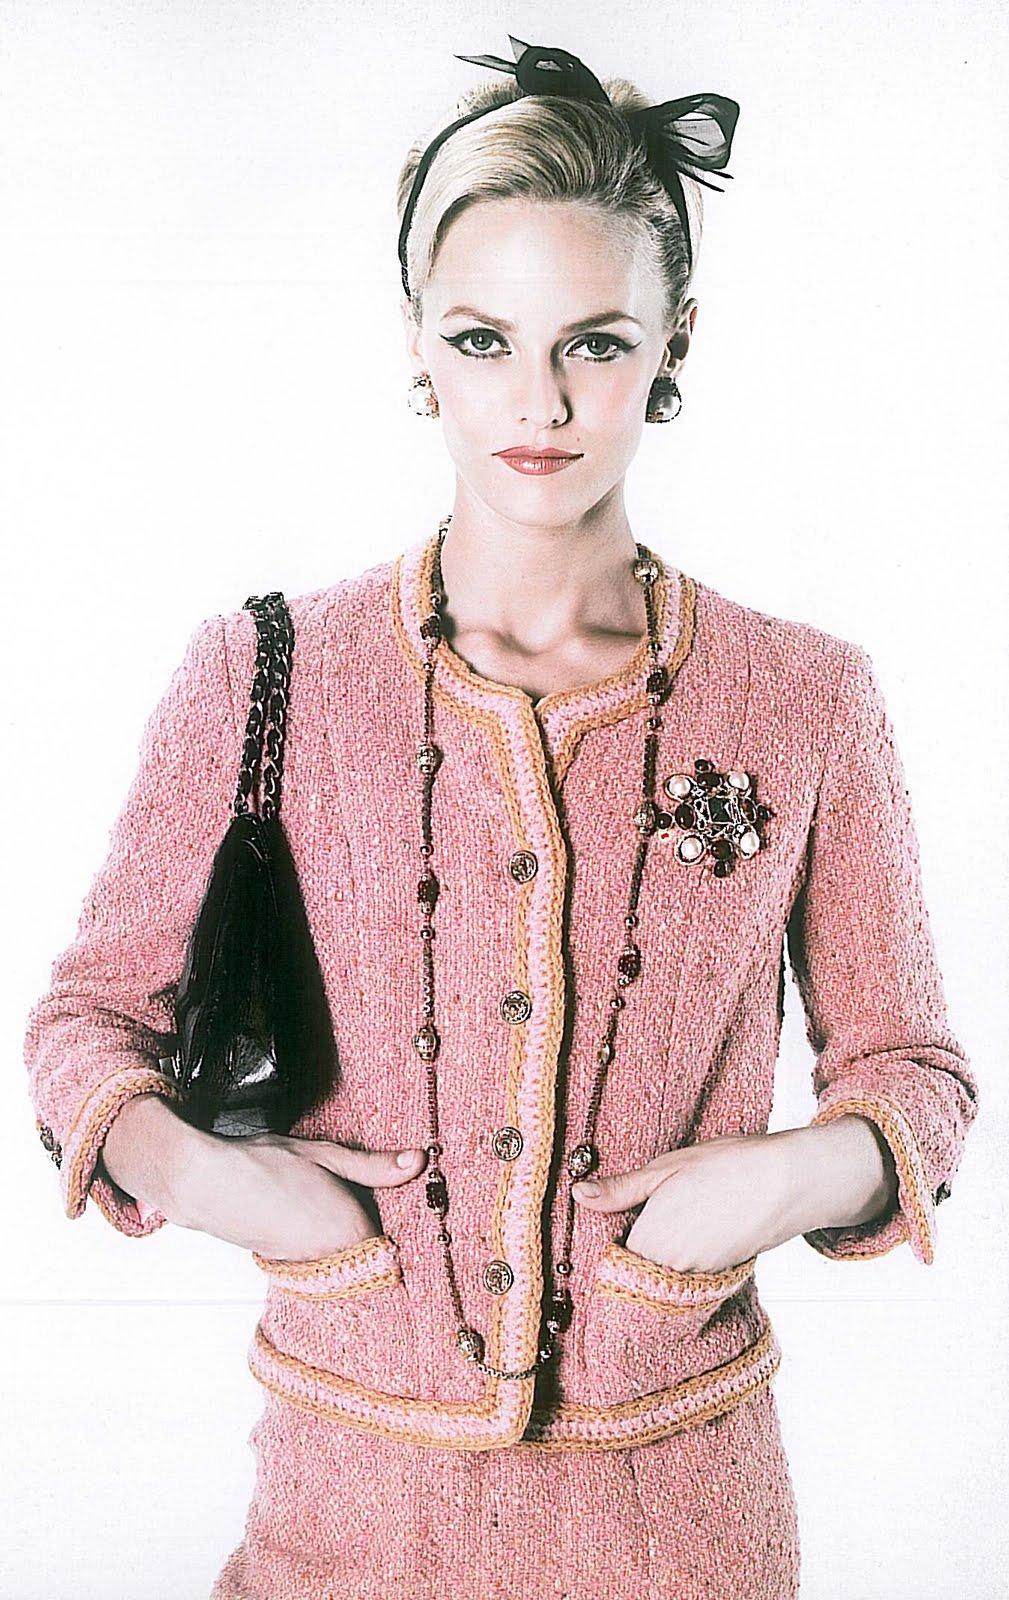 Стиль одежды Коко Шанель - как составить базовый гардероб в данном стиле?